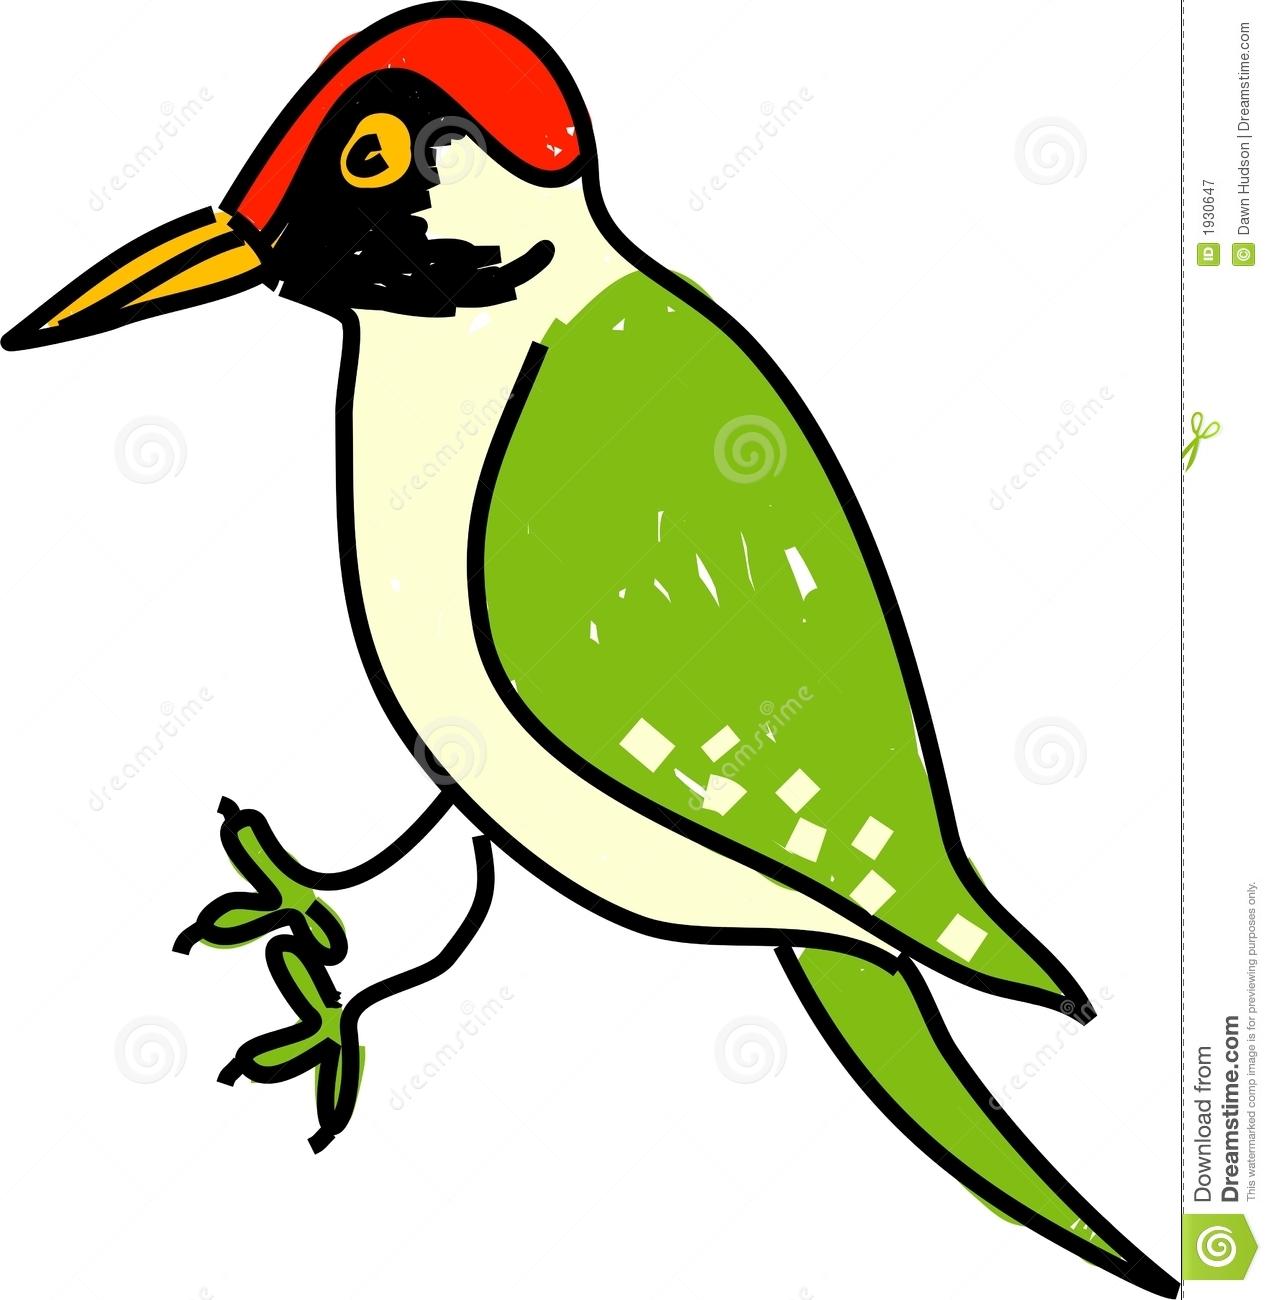 Woodpecker clipart Clipart woodpecker%20clipart Images Woodpecker Free